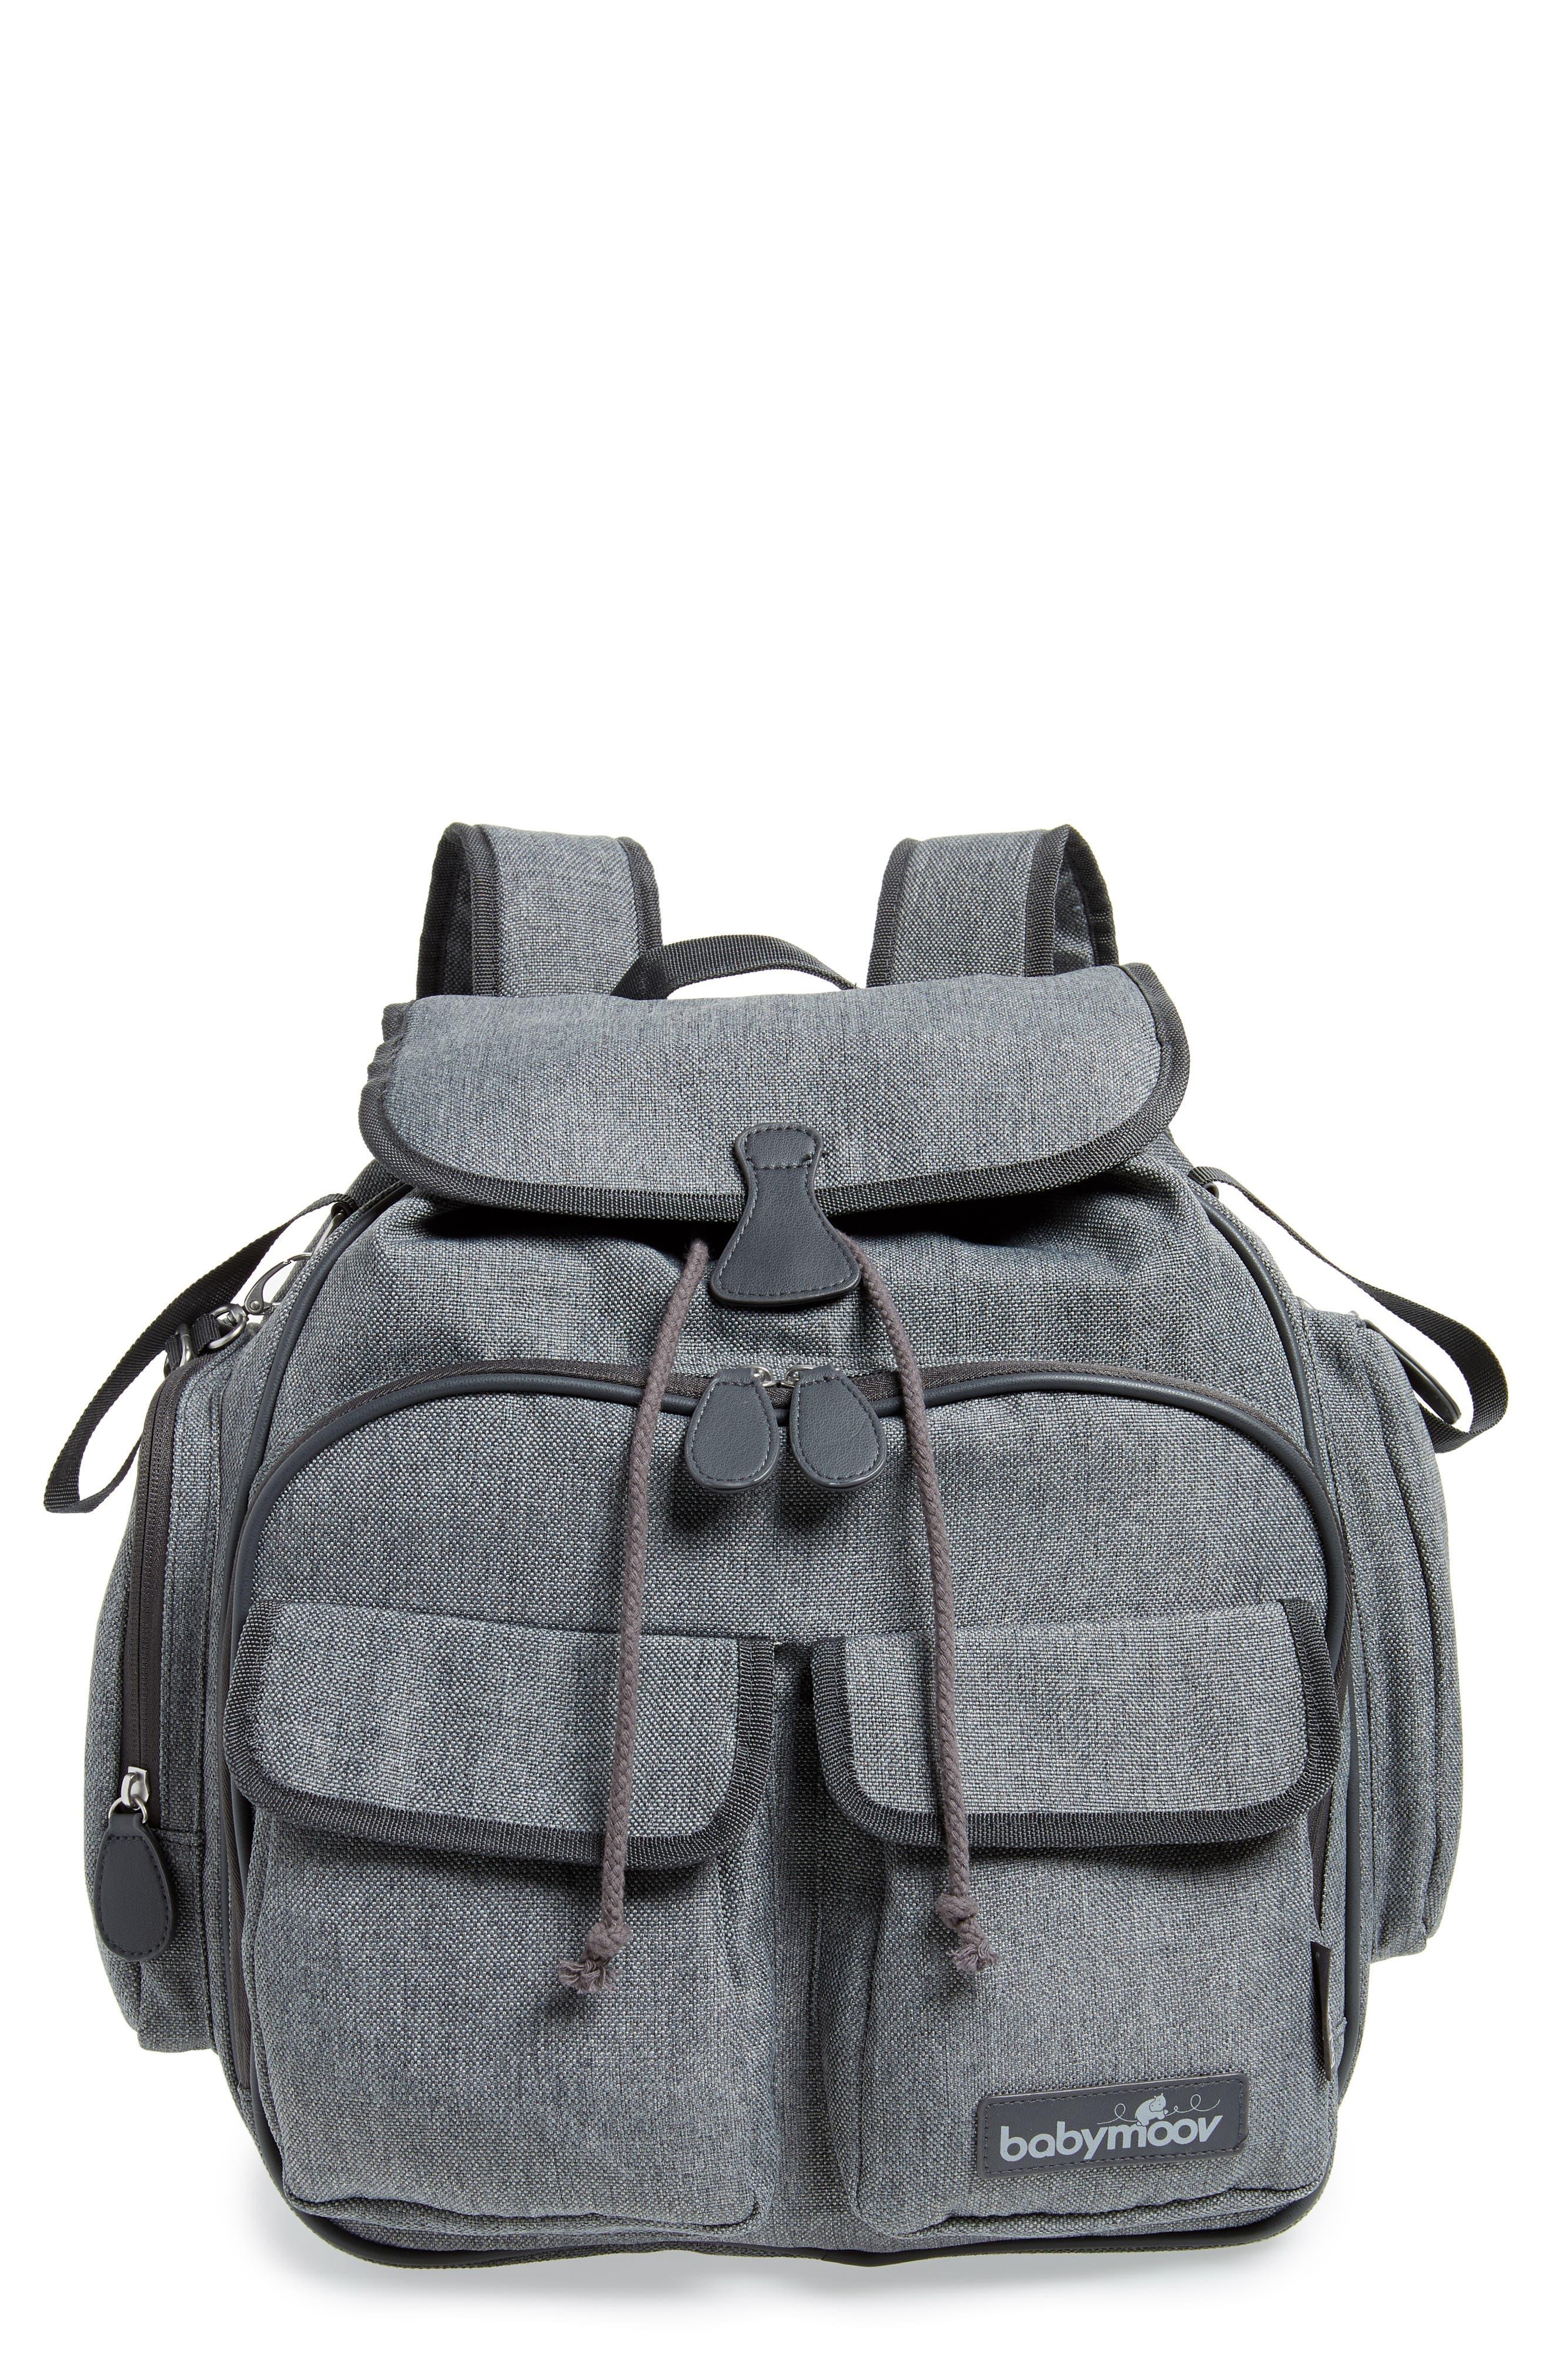 Glober Water Resistant Diaper Backpack,                             Main thumbnail 1, color,                             SMOKEY